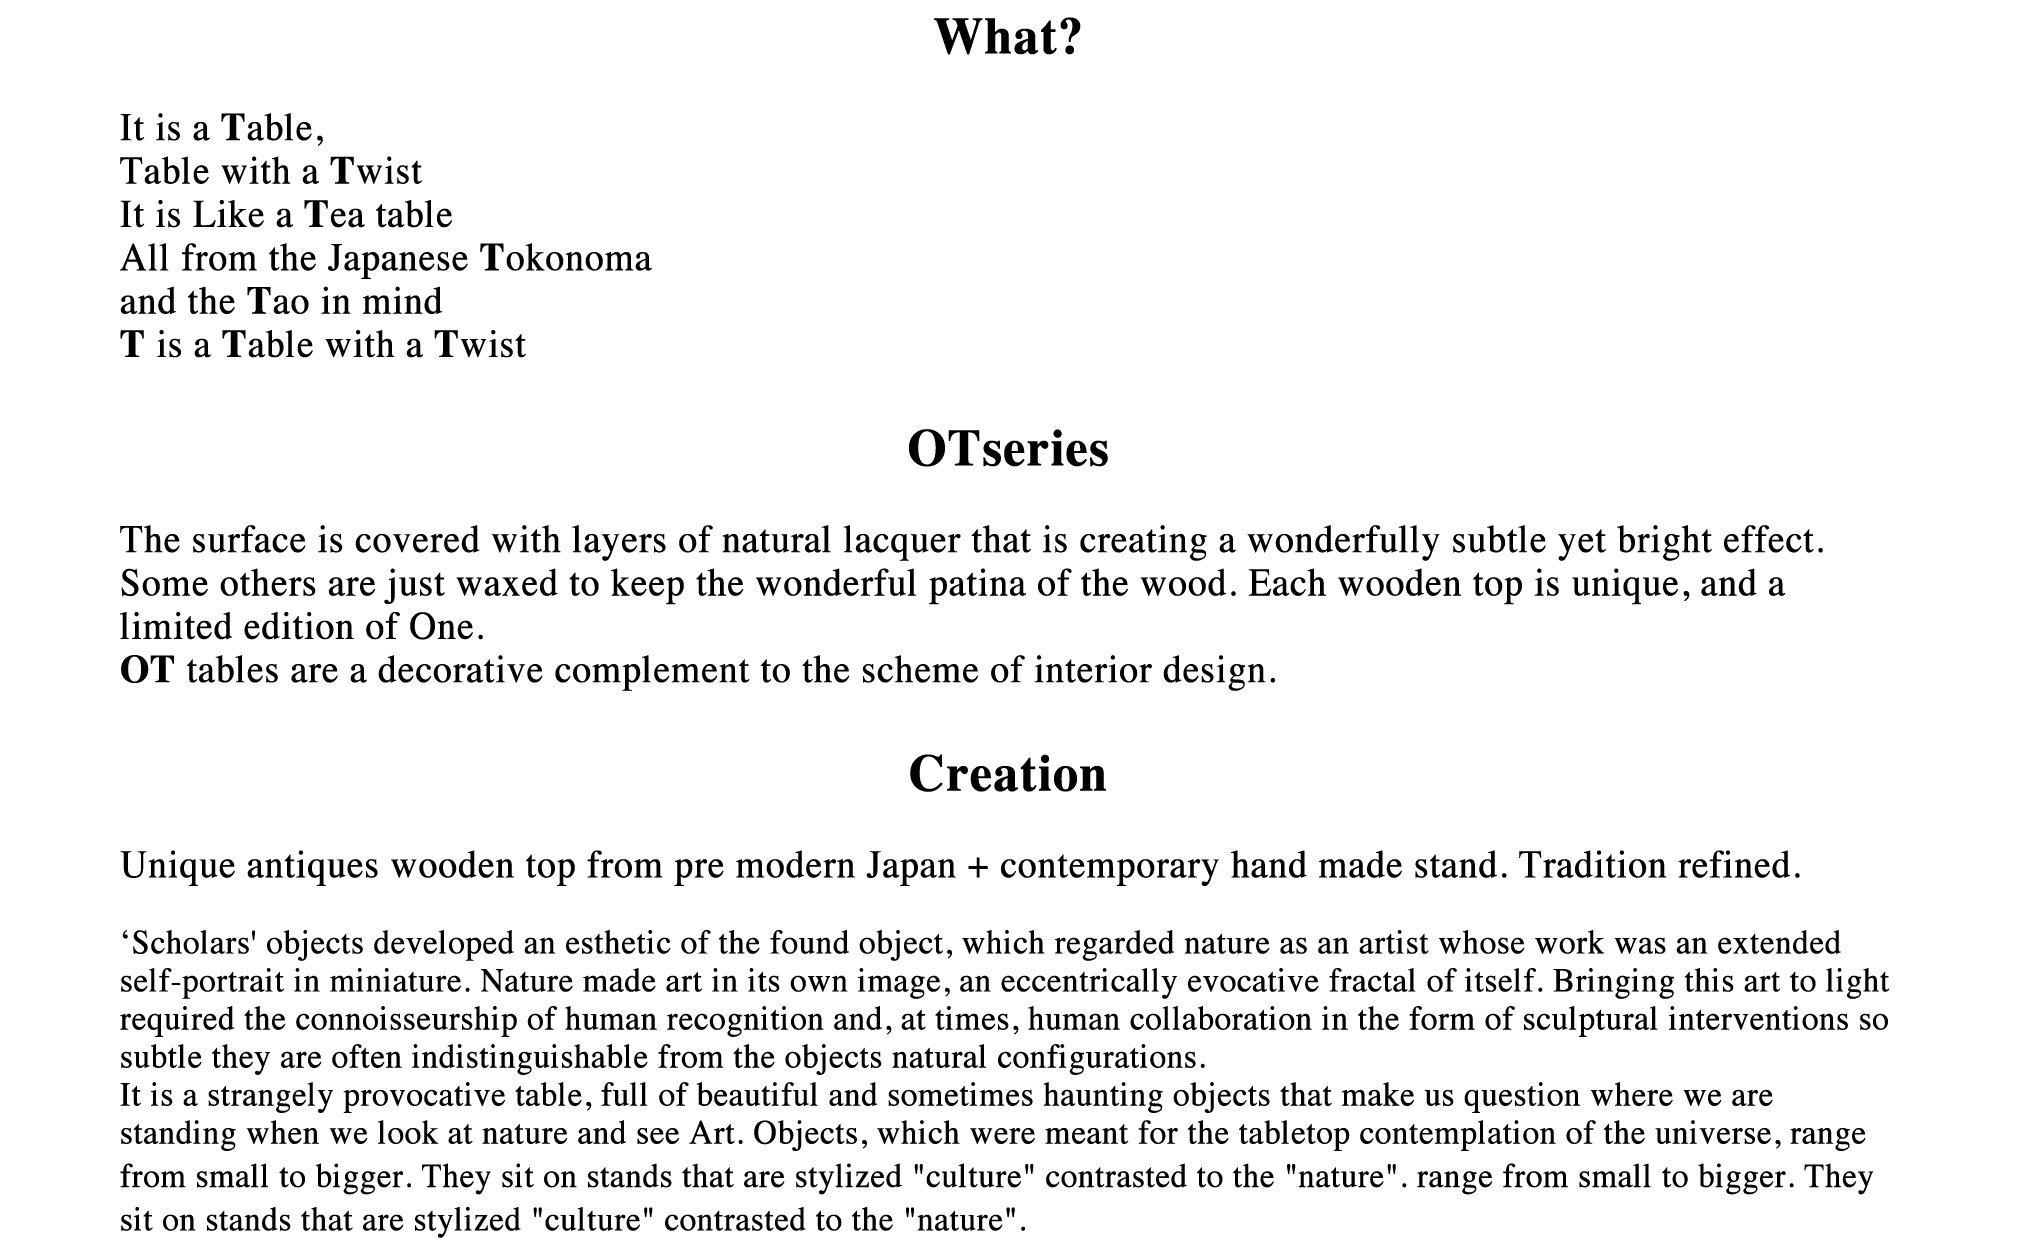 OTSeries-text2.jpeg